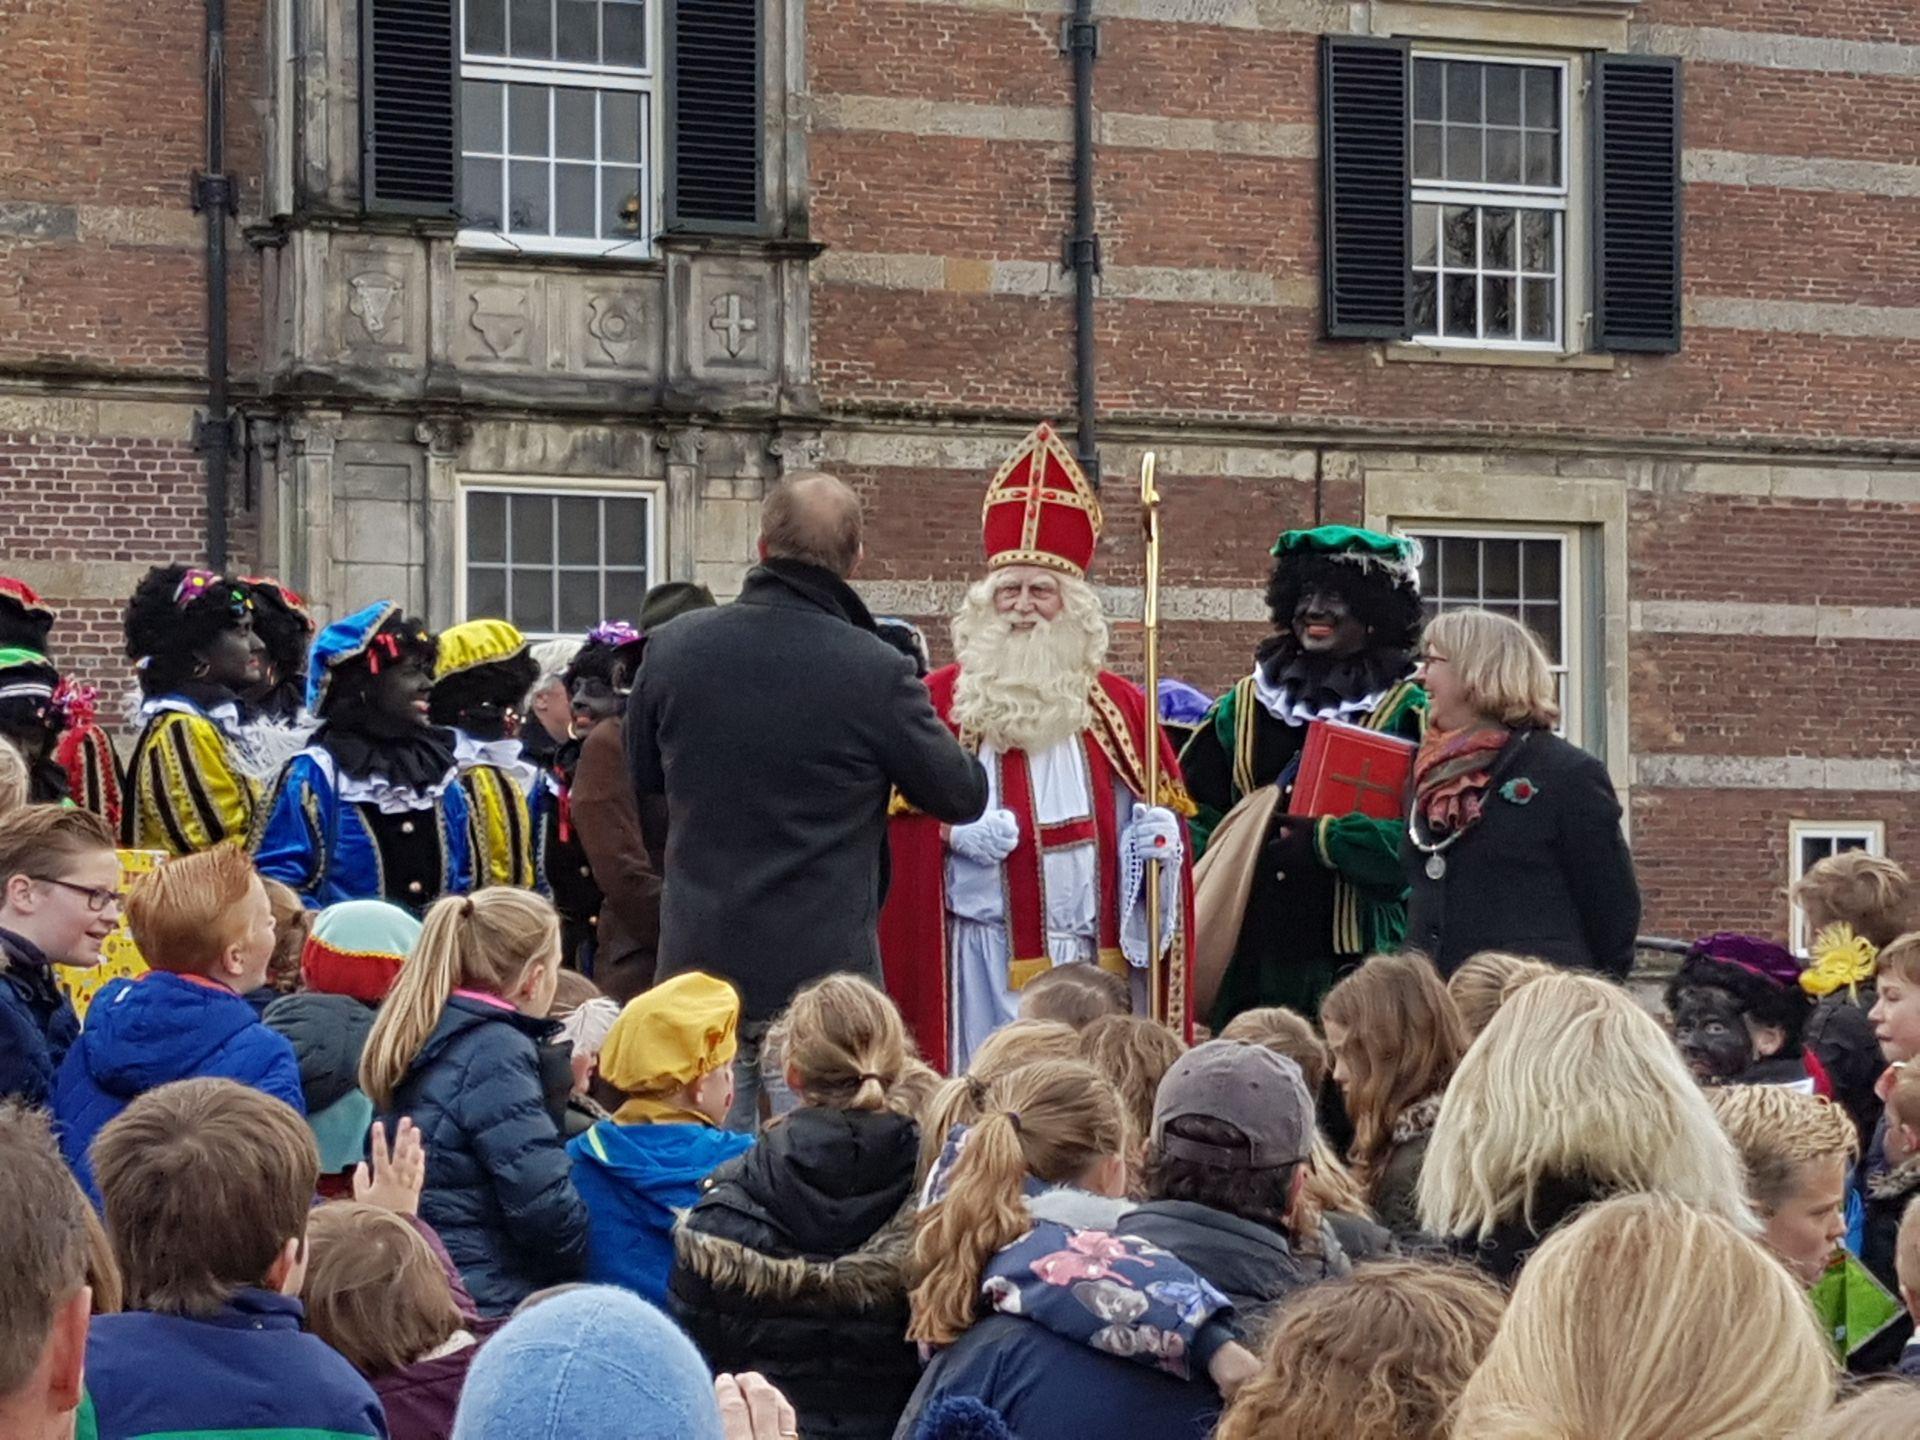 Video: Honderden kinderen onthalen Sinterklaas bij Kasteel Twickel